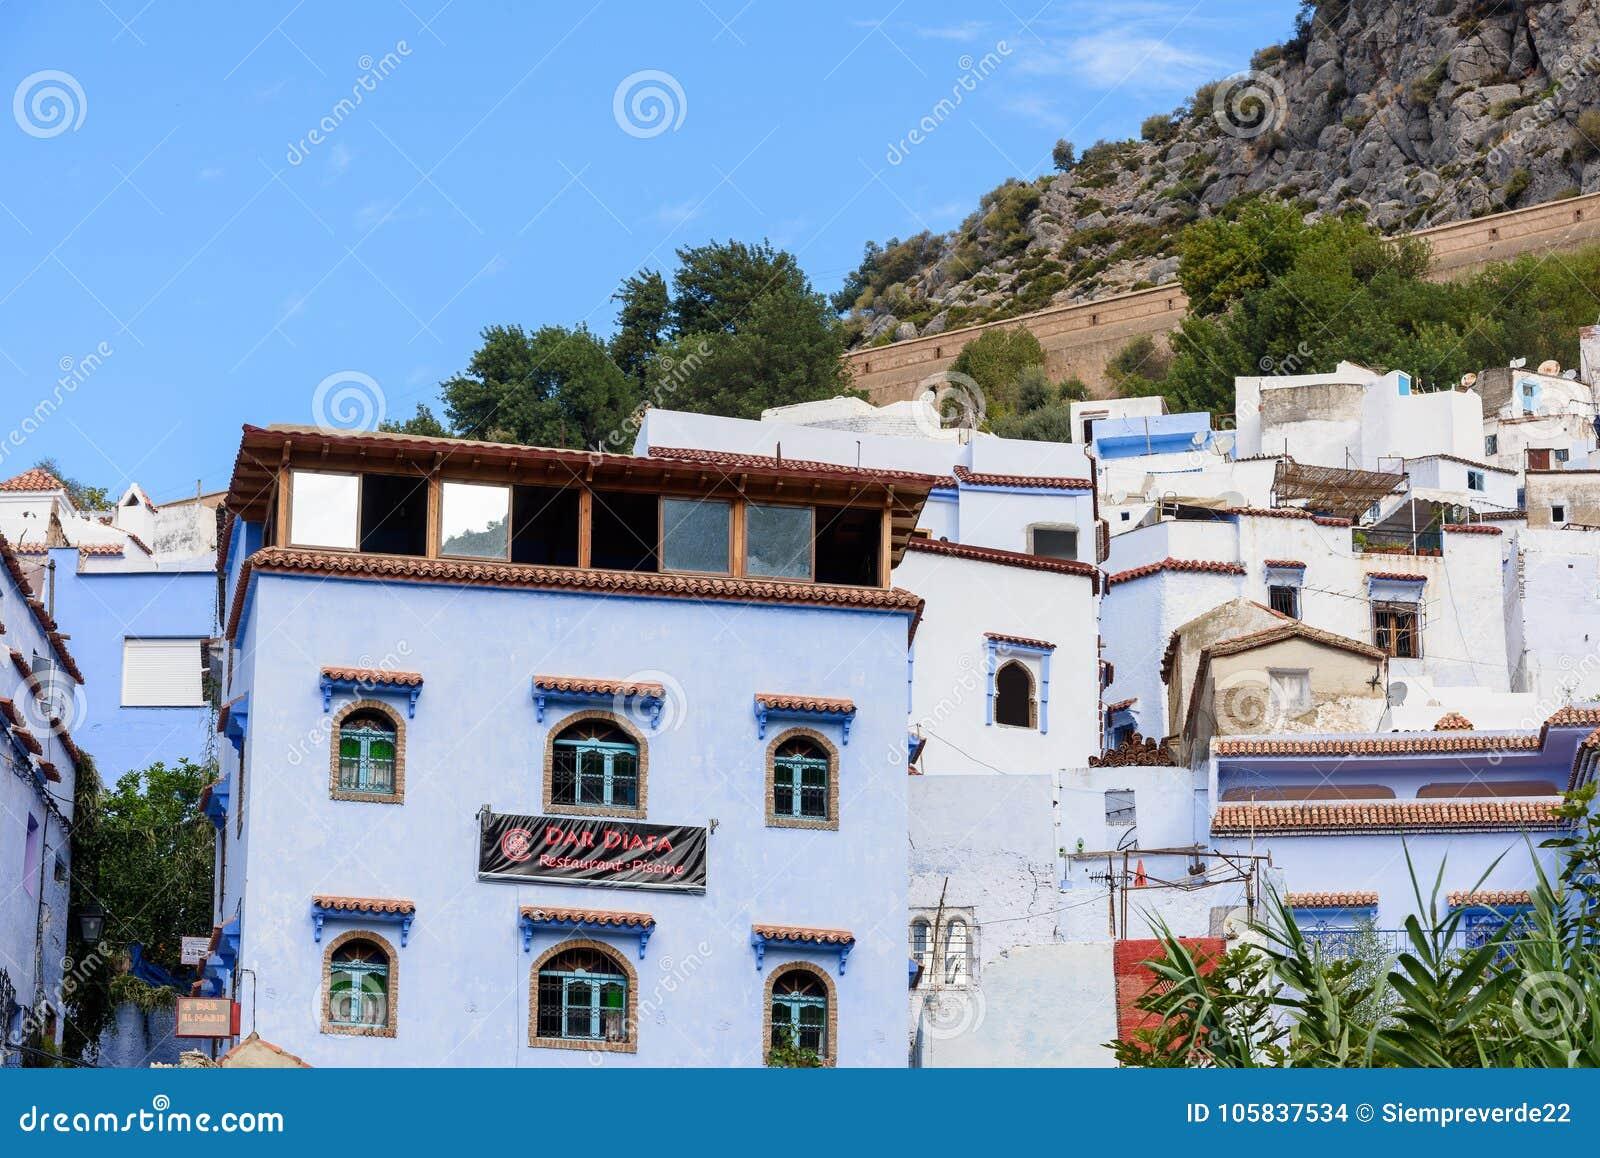 Architettura di Chefchaouen, Marocco